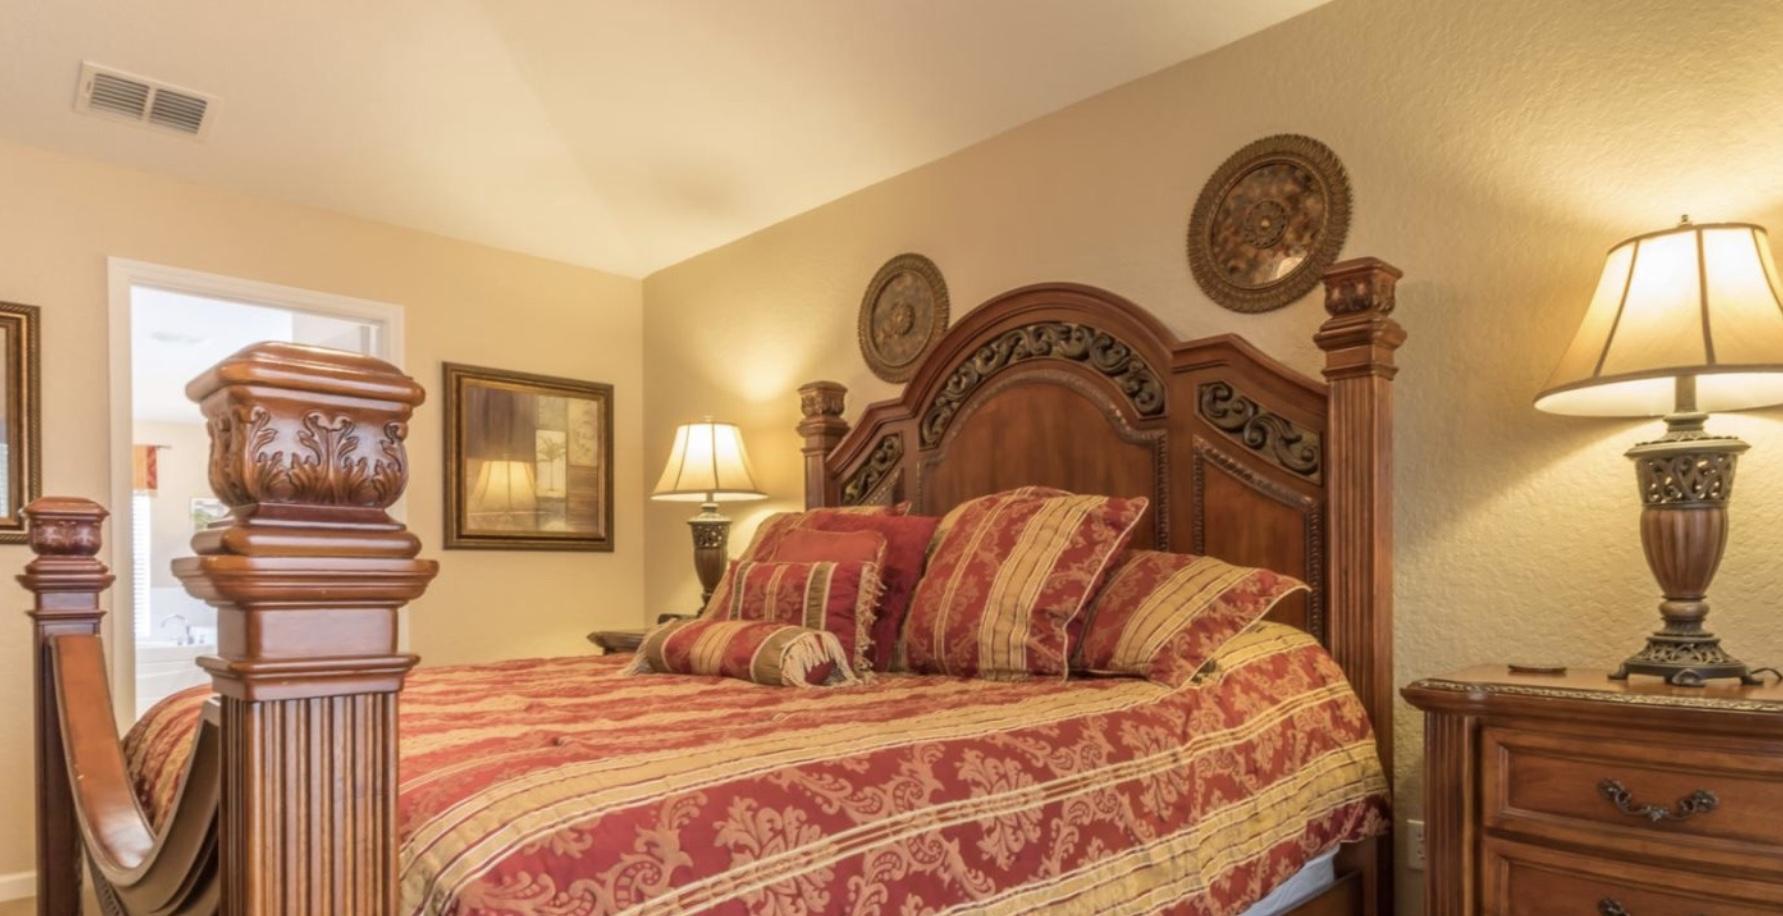 K9ng size master bedroom upstairs no.1